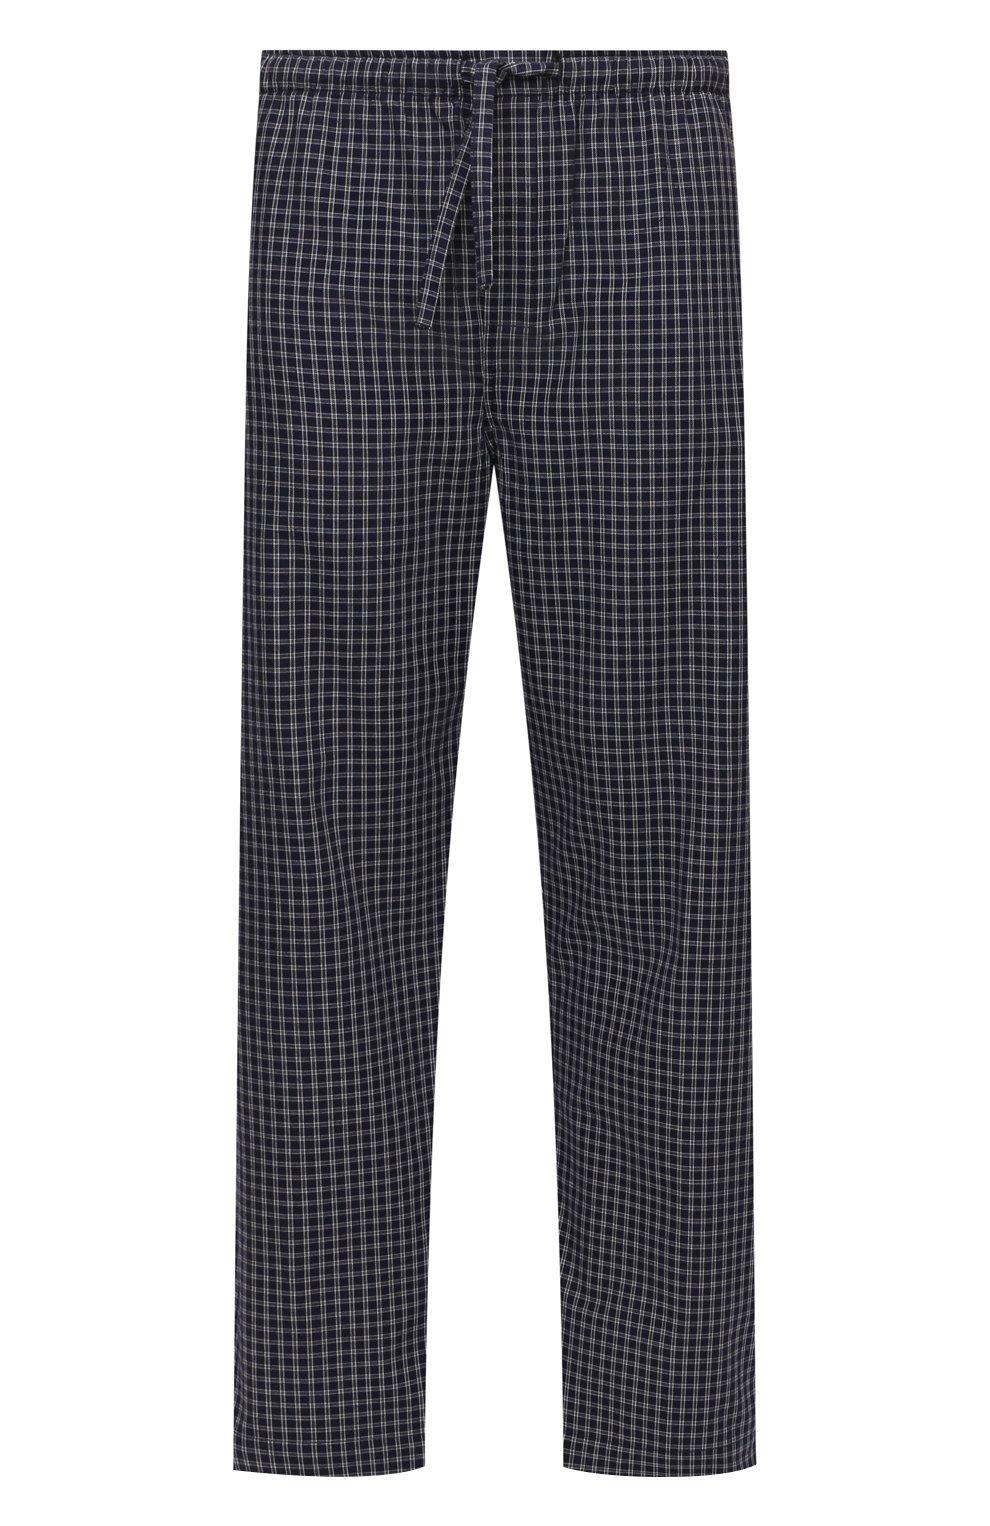 Мужские хлопковые домашние брюки DEREK ROSE темно-синего цвета, арт. 3564-BRAE032 | Фото 1 (Длина (брюки, джинсы): Стандартные; Кросс-КТ: домашняя одежда; Мужское Кросс-КТ: Брюки-белье; Материал внешний: Хлопок; Статус проверки: Проверена категория)